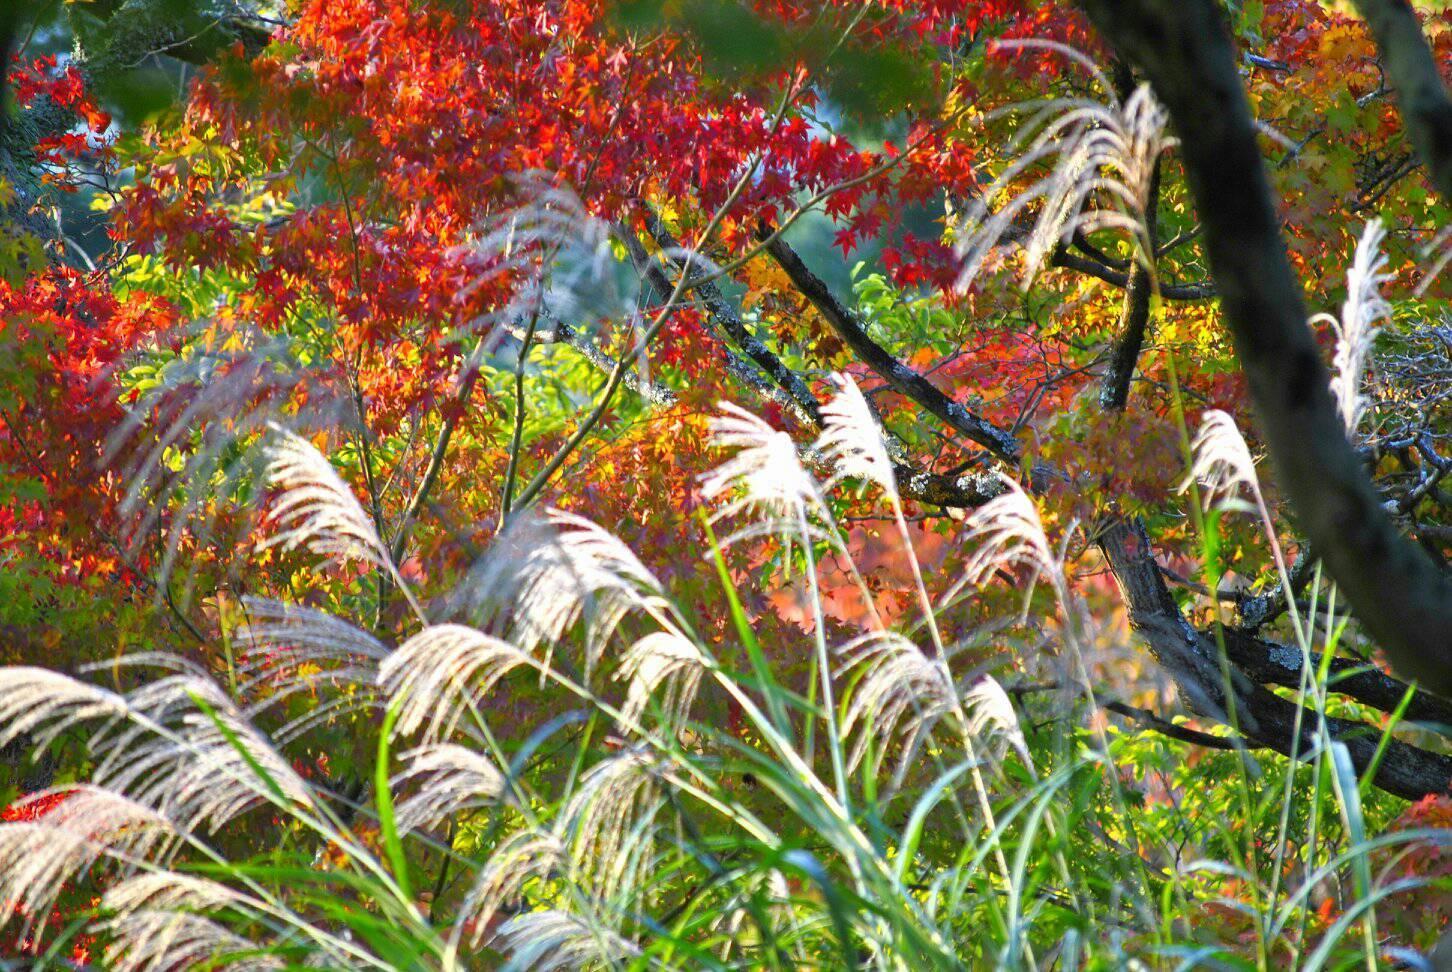 ススキと紅葉のコラボ写真